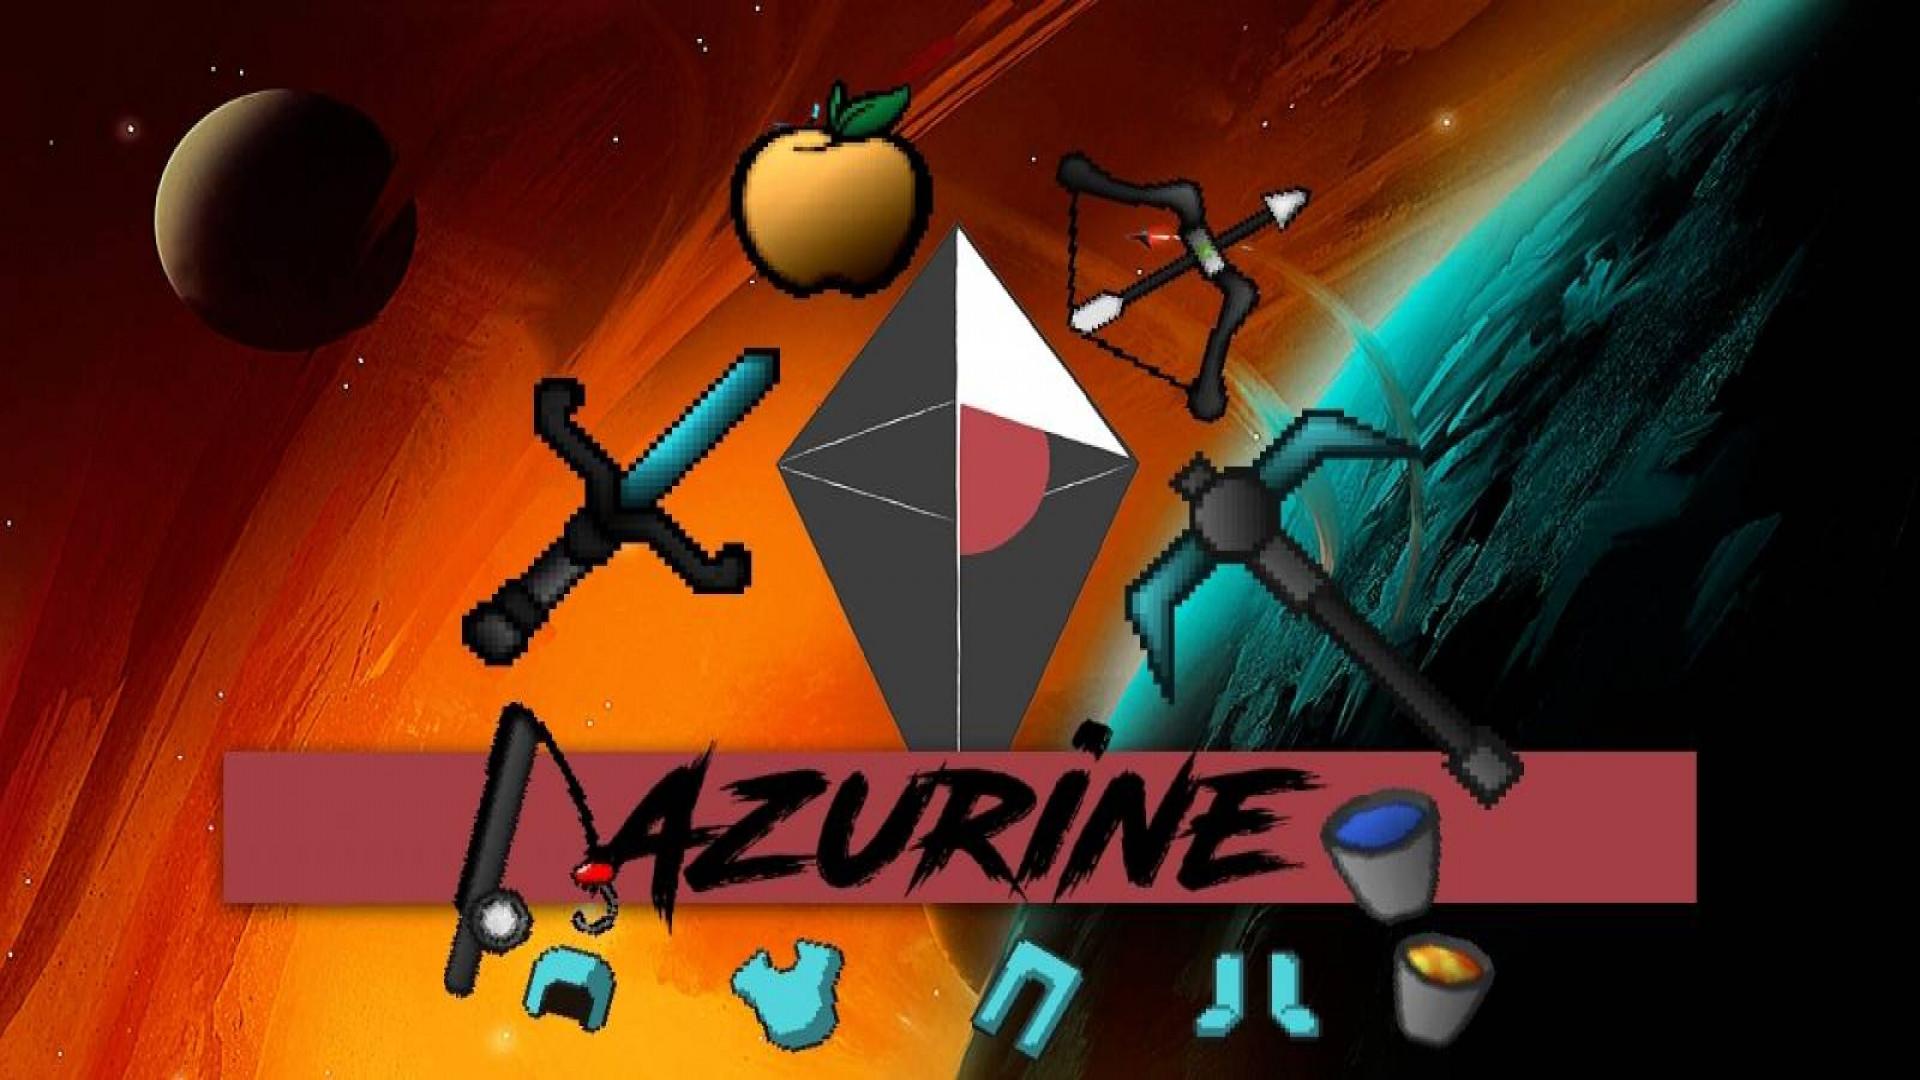 Azurine V2 Edit